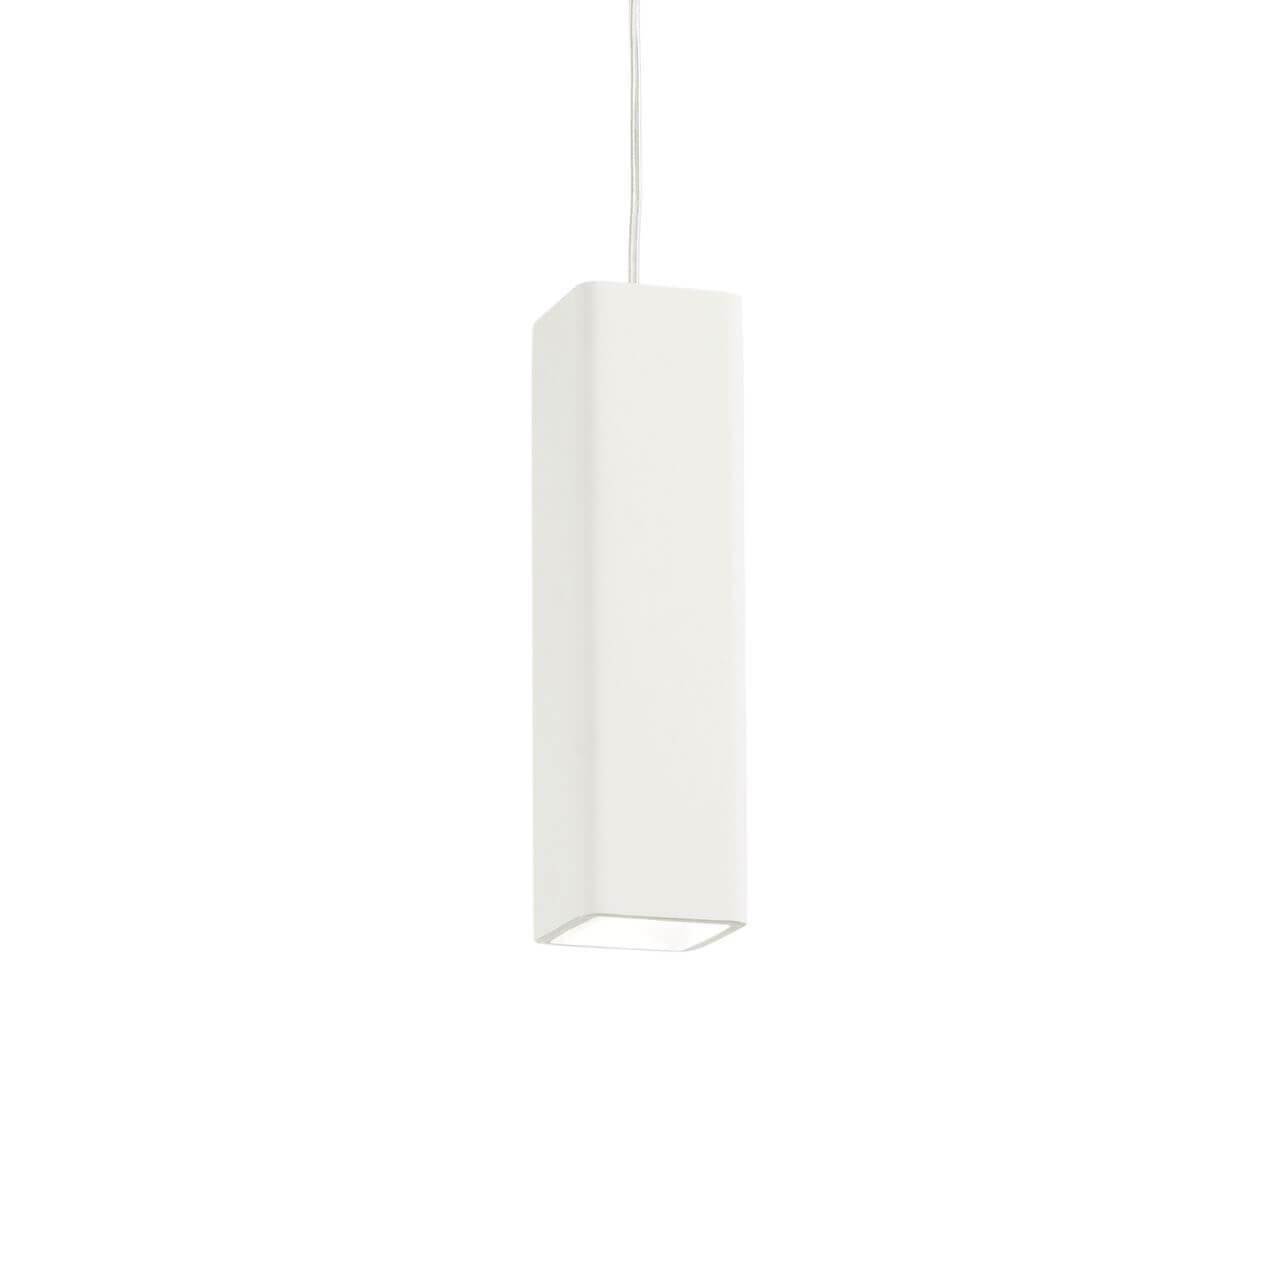 Светильник Ideal Lux Oak SP1 Square Bianco Oak